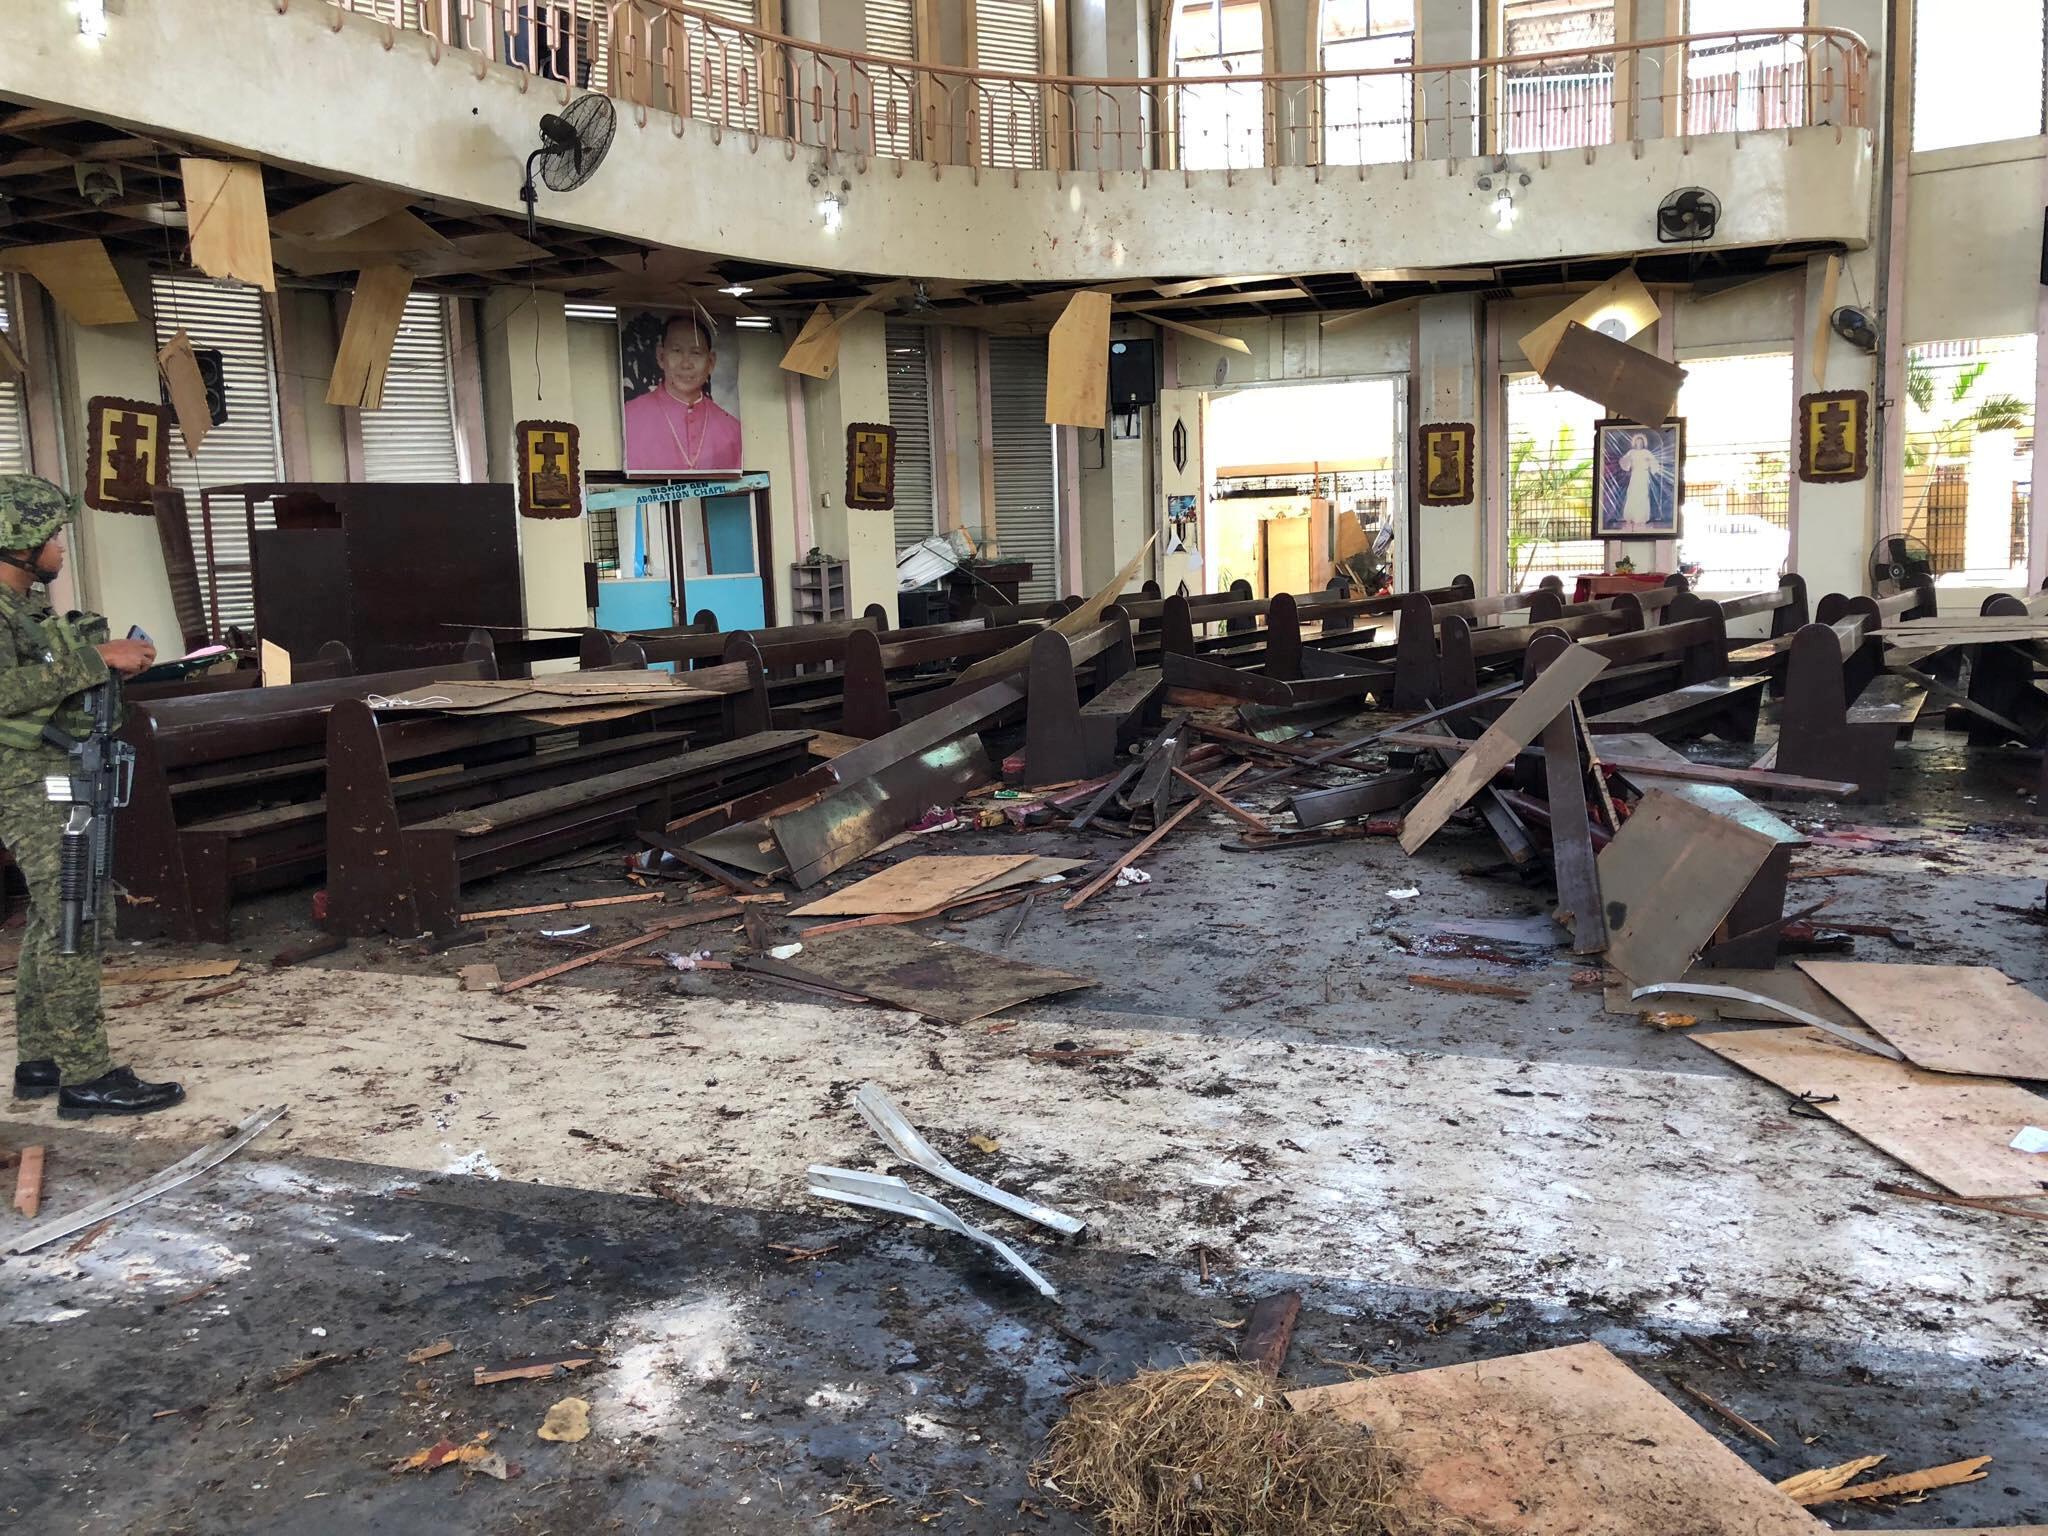 """صحن داخلی کلیسا  شهر """"جولو""""، بعد از انفجار بمب. یکشنبه ٧ بهمن/ ٢٧ ژانویه ٢٠۱٩"""